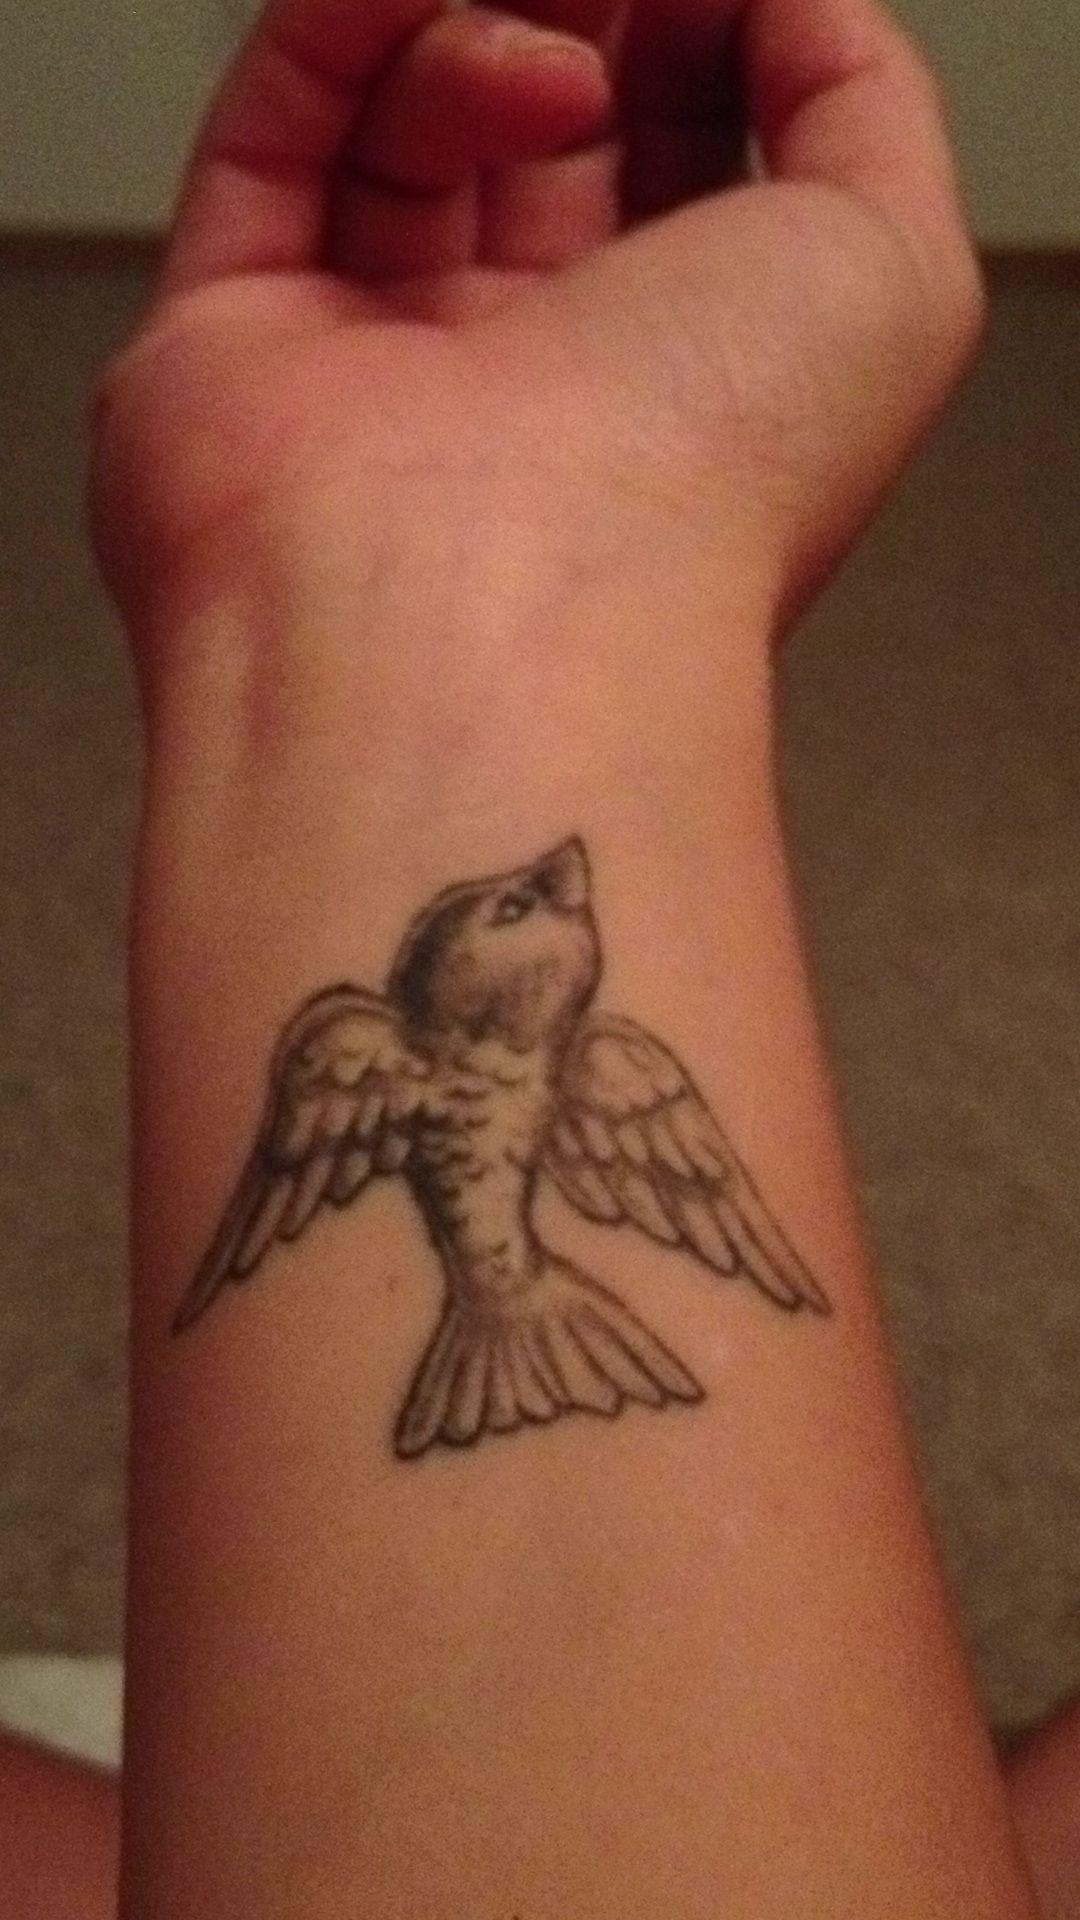 Tattoo Small Birds: Small Bird Wrist Tattoo